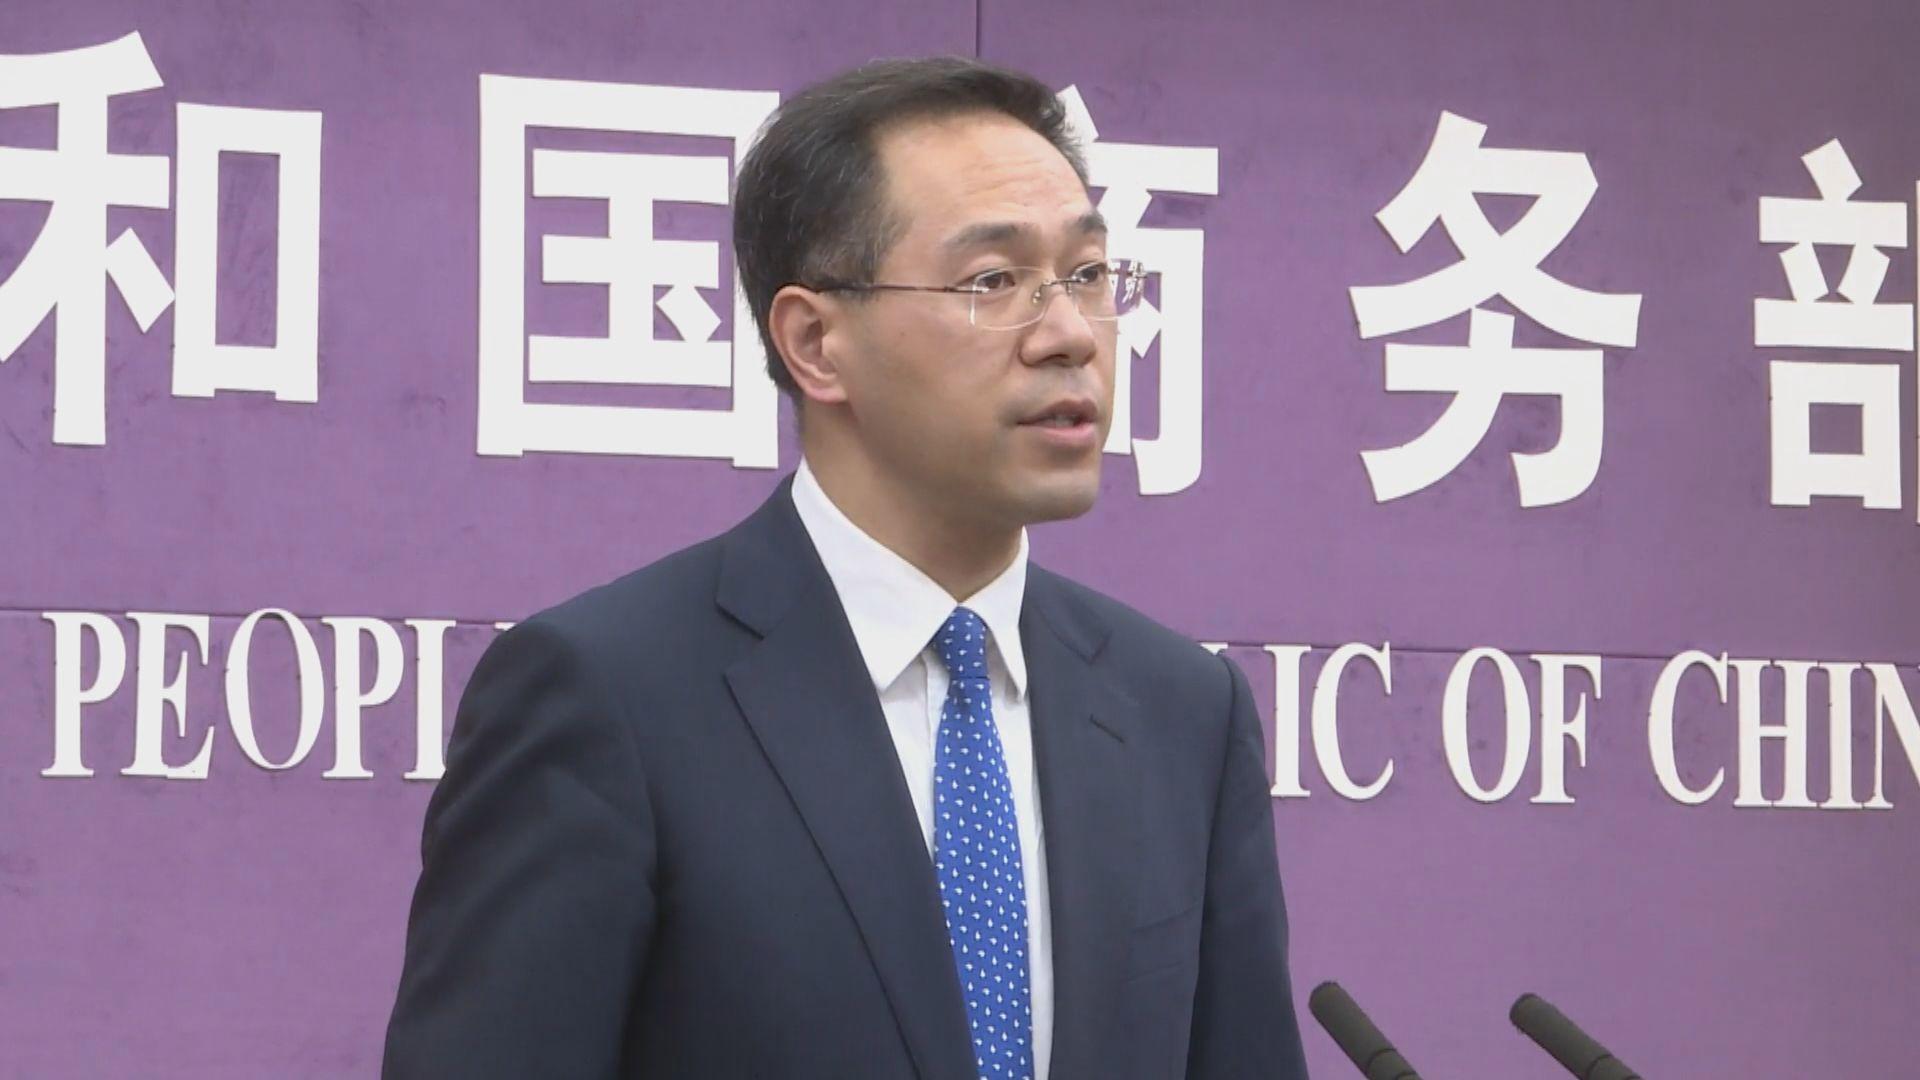 【美財長短期或訪華】中國商務部:不掌握美方計劃